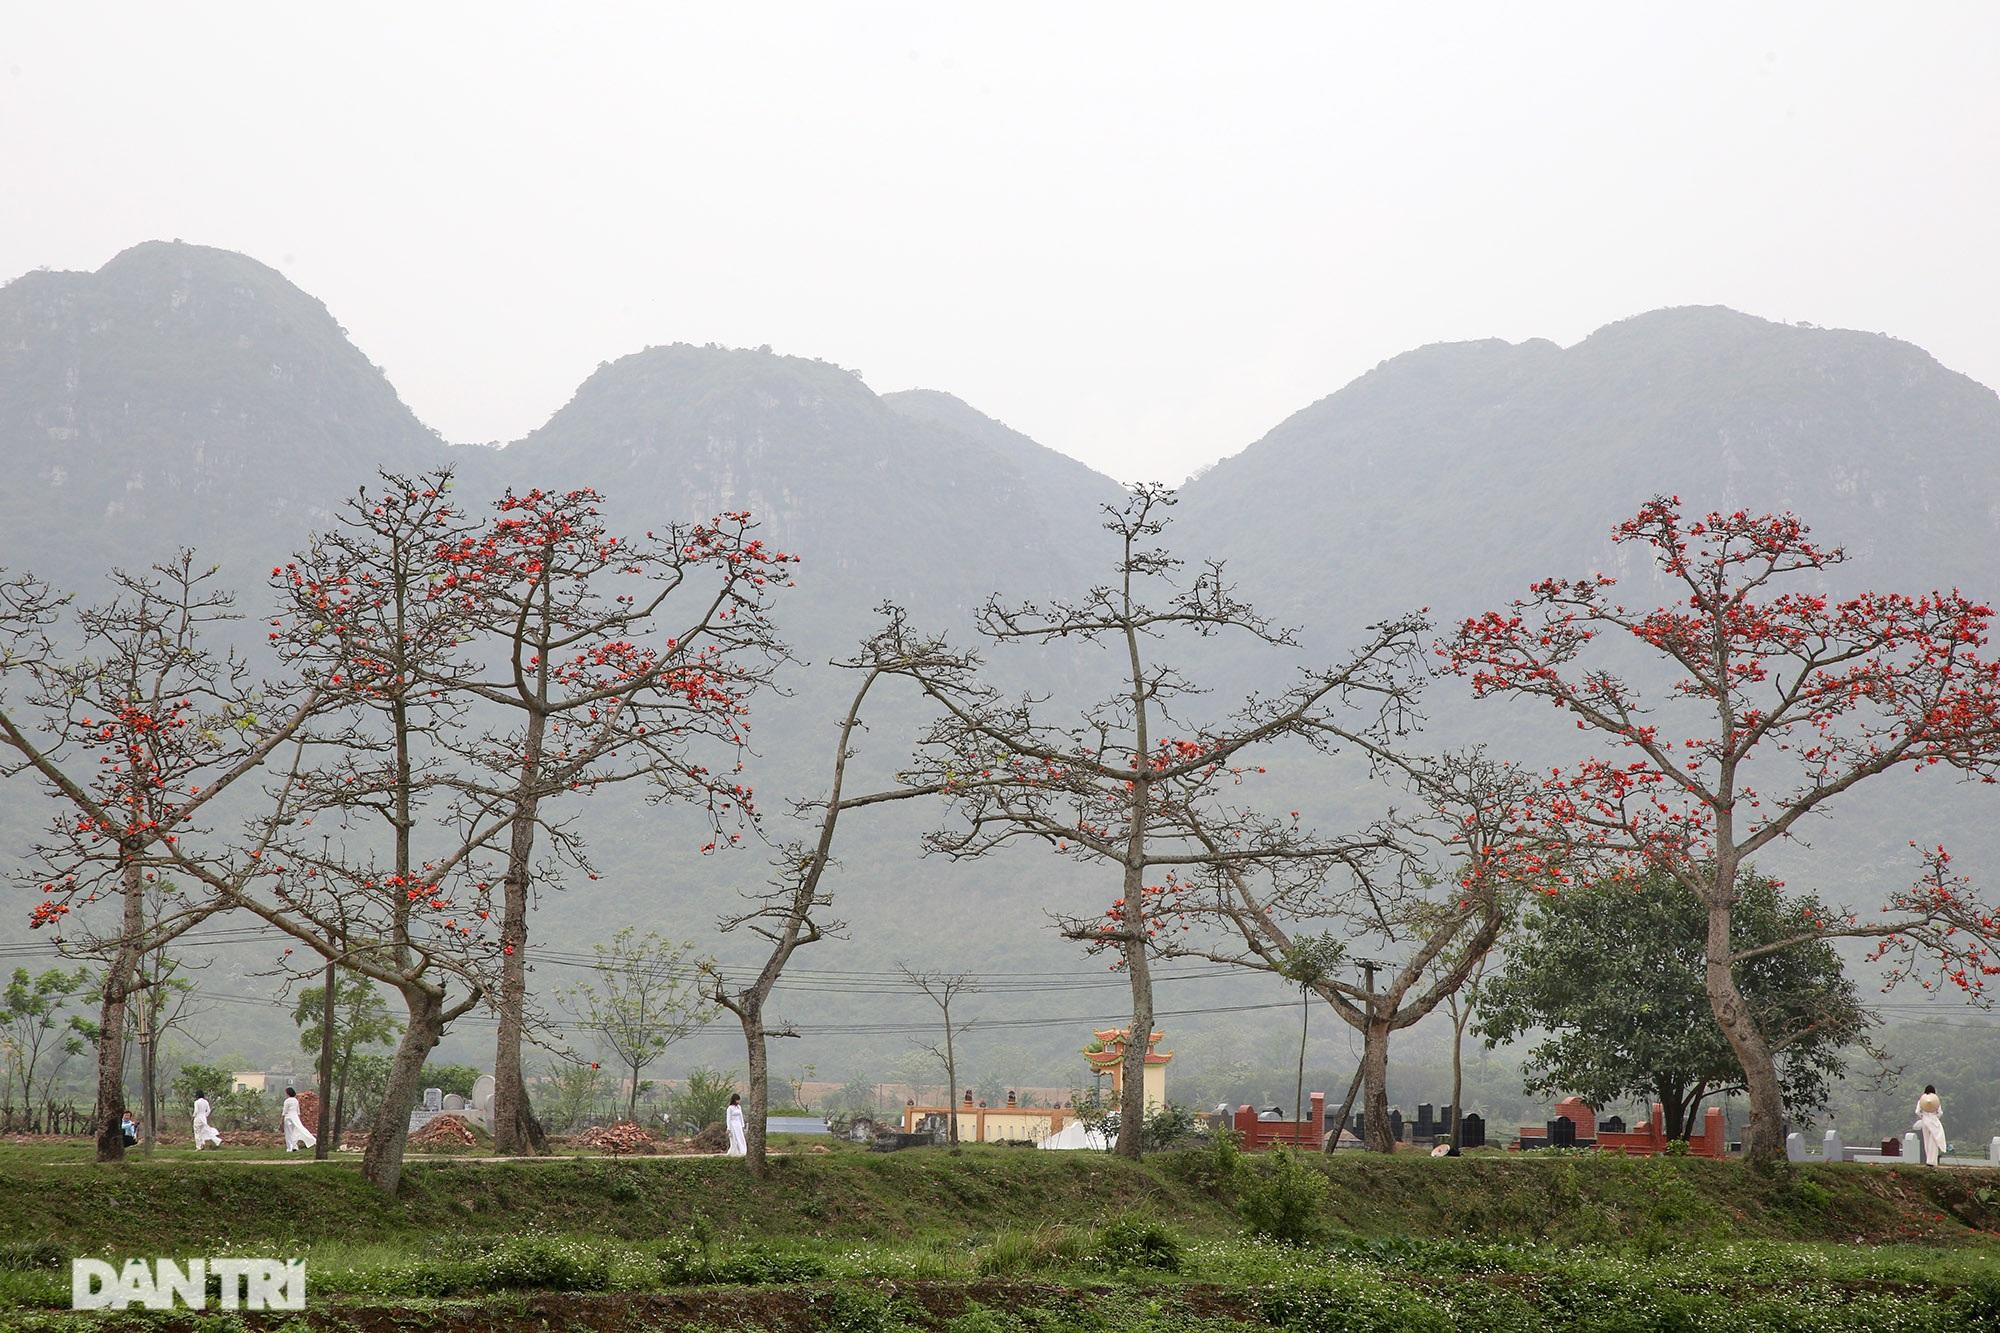 Hoa gạo nở đẹp sâu lắng vùng ngoại thành Hà Nội - 12